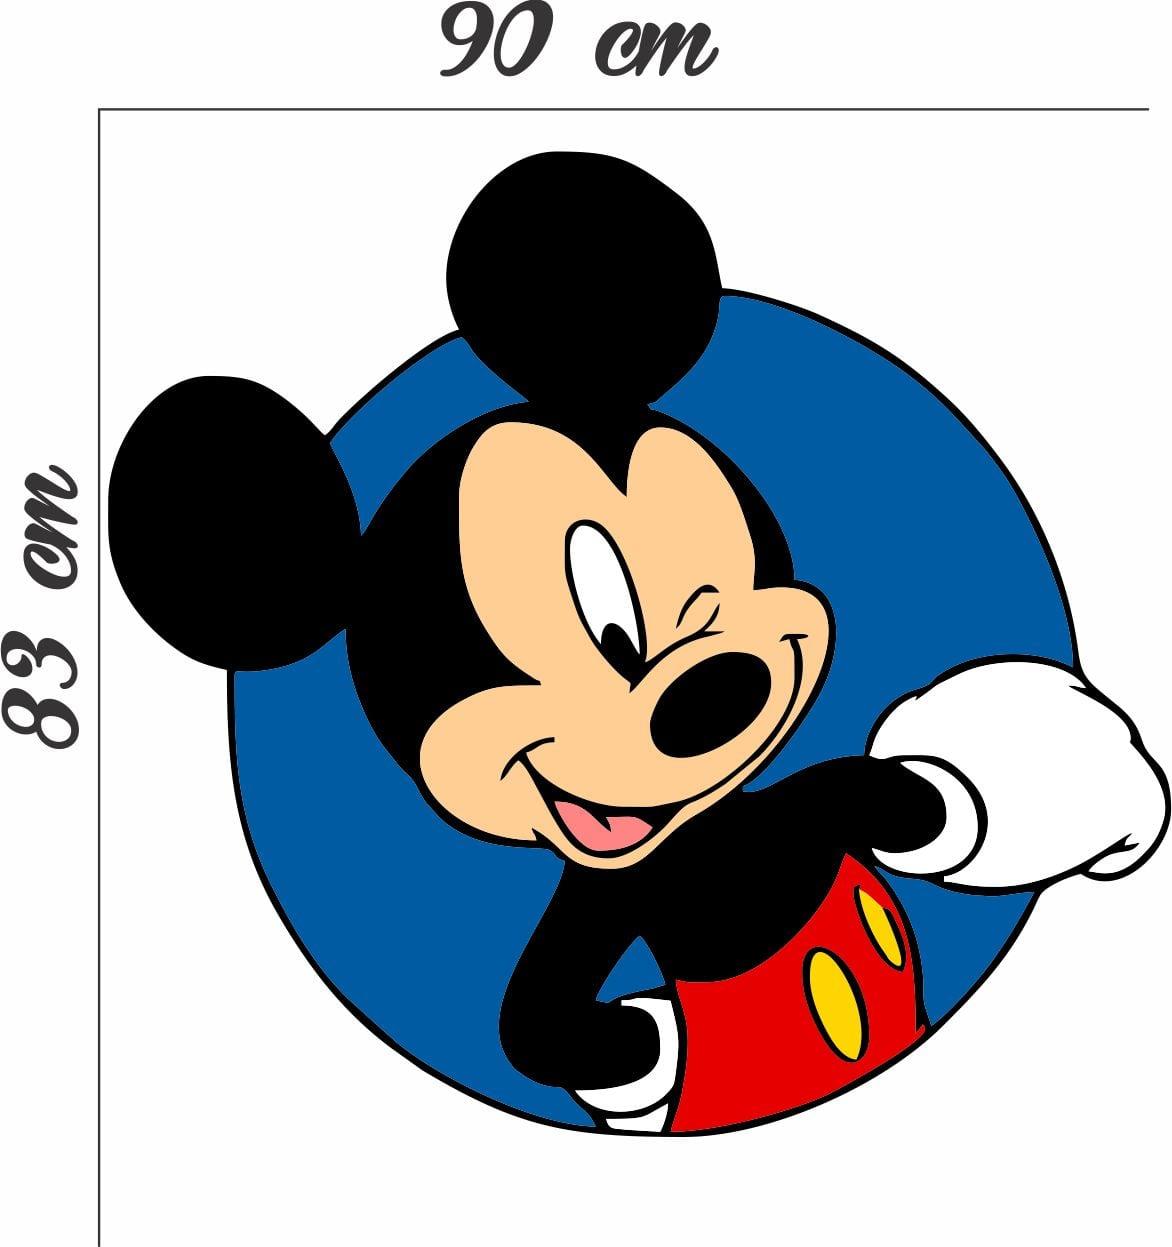 Adesivo Parede Mickey Mouse Desenho No Elo7